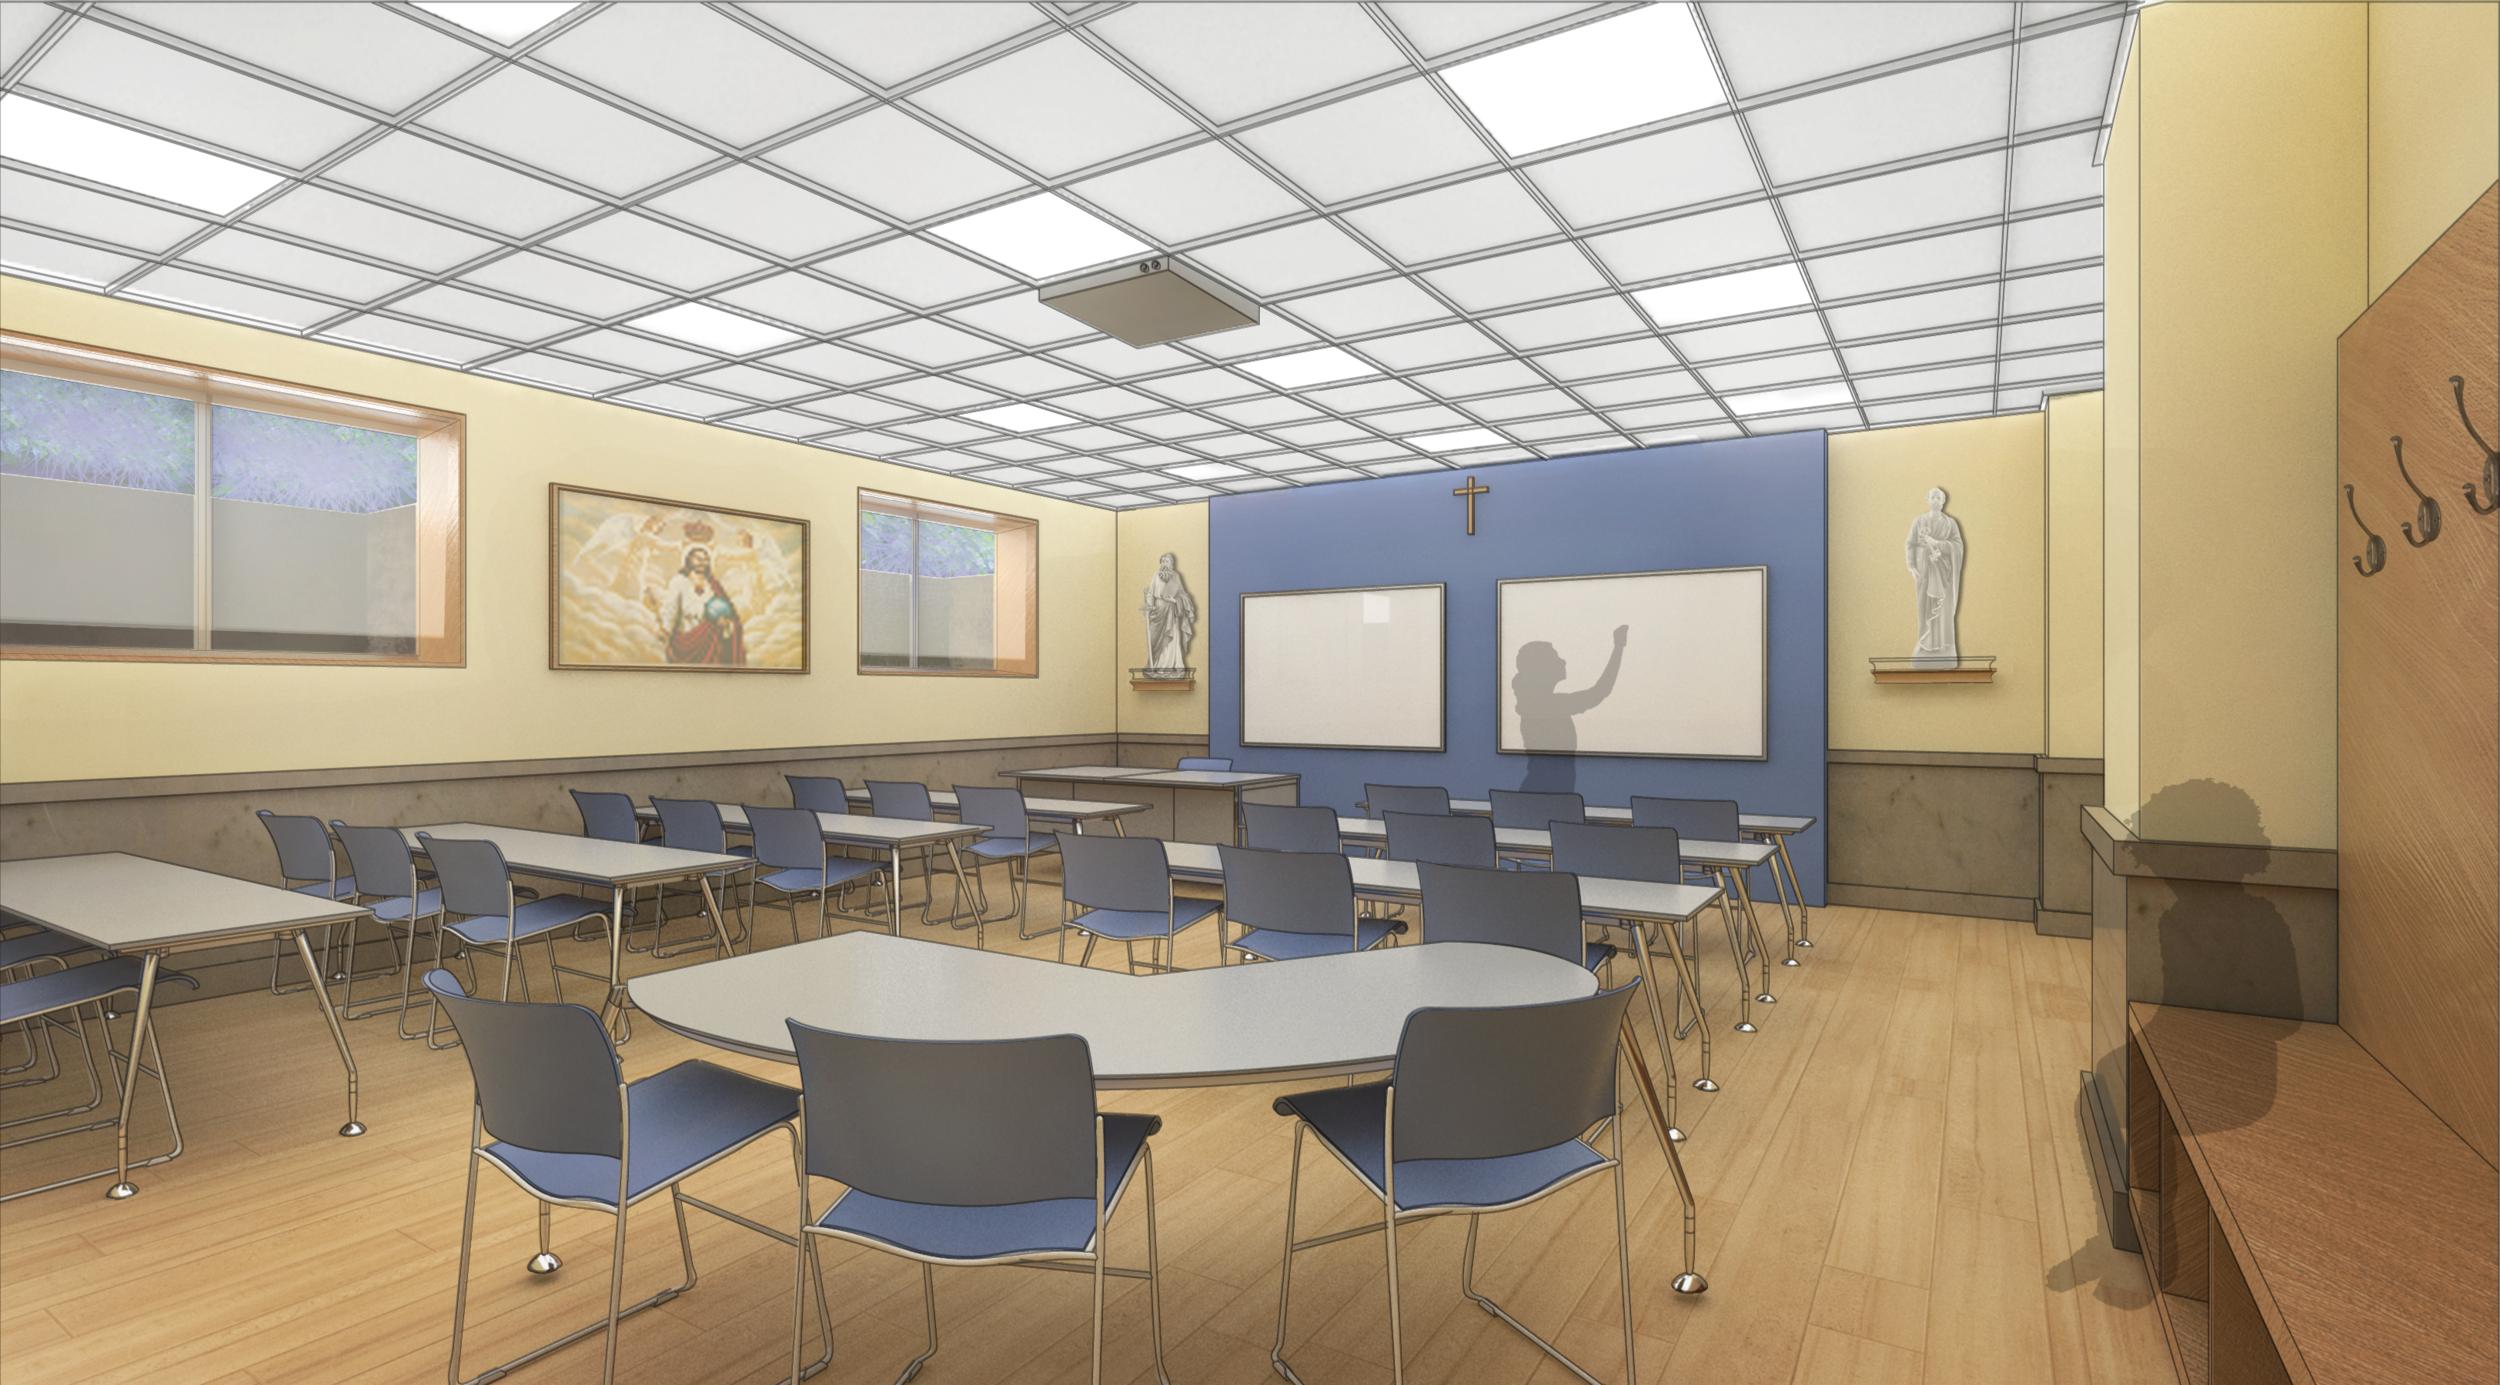 Ss Peter and Paul. Tobin Parnes Design. Queens, New York. In Progress. Classroom.